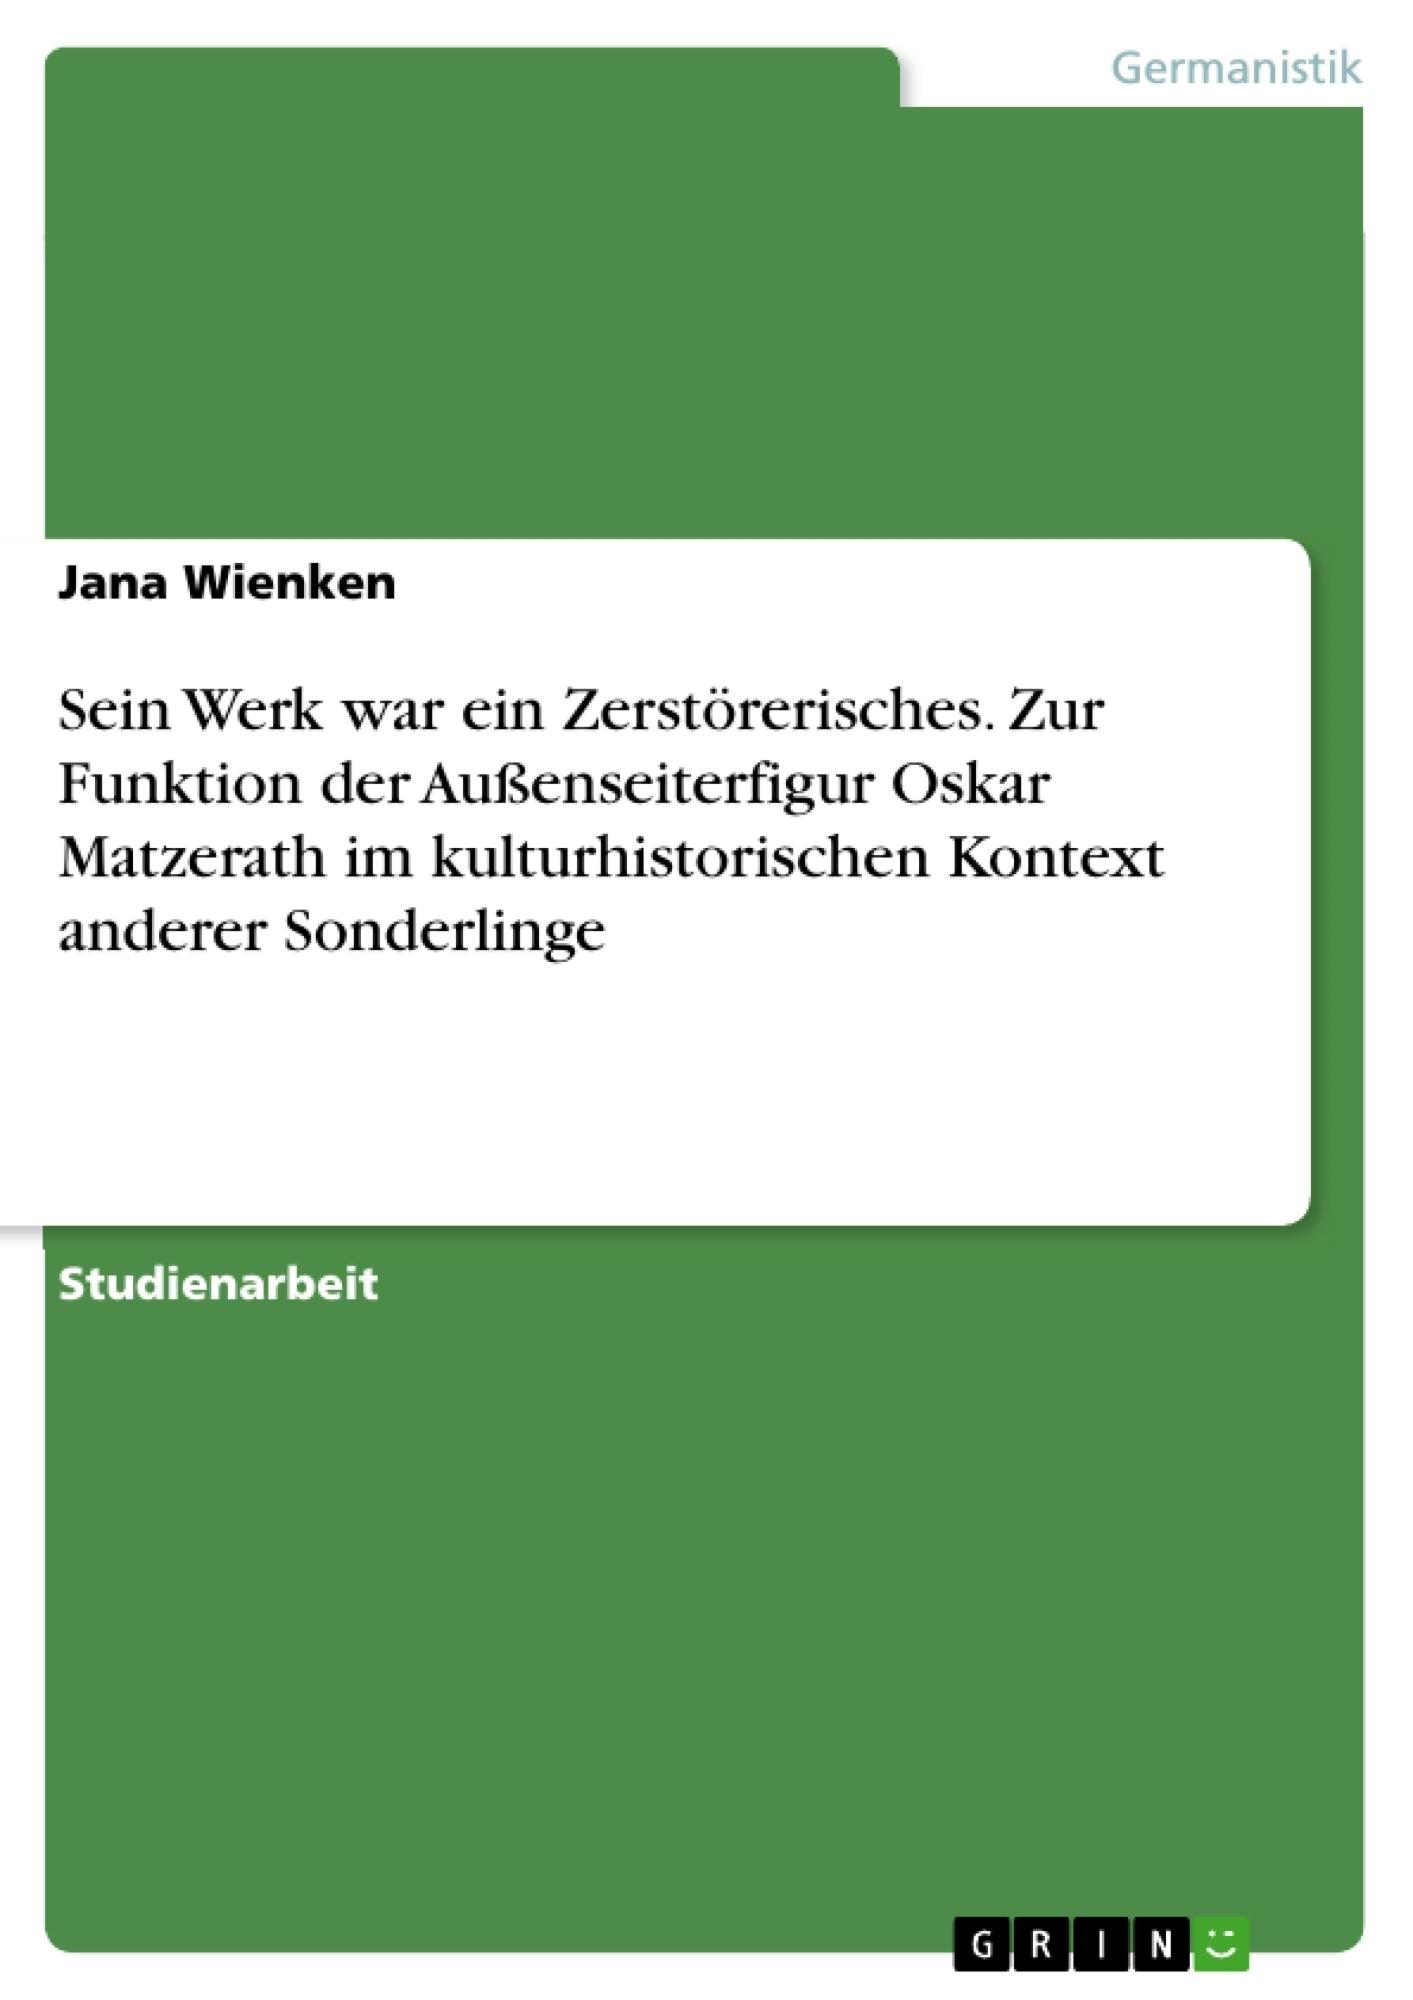 Titel: Sein Werk war ein Zerstörerisches. Zur Funktion der Außenseiterfigur Oskar Matzerath im kulturhistorischen Kontext anderer Sonderlinge